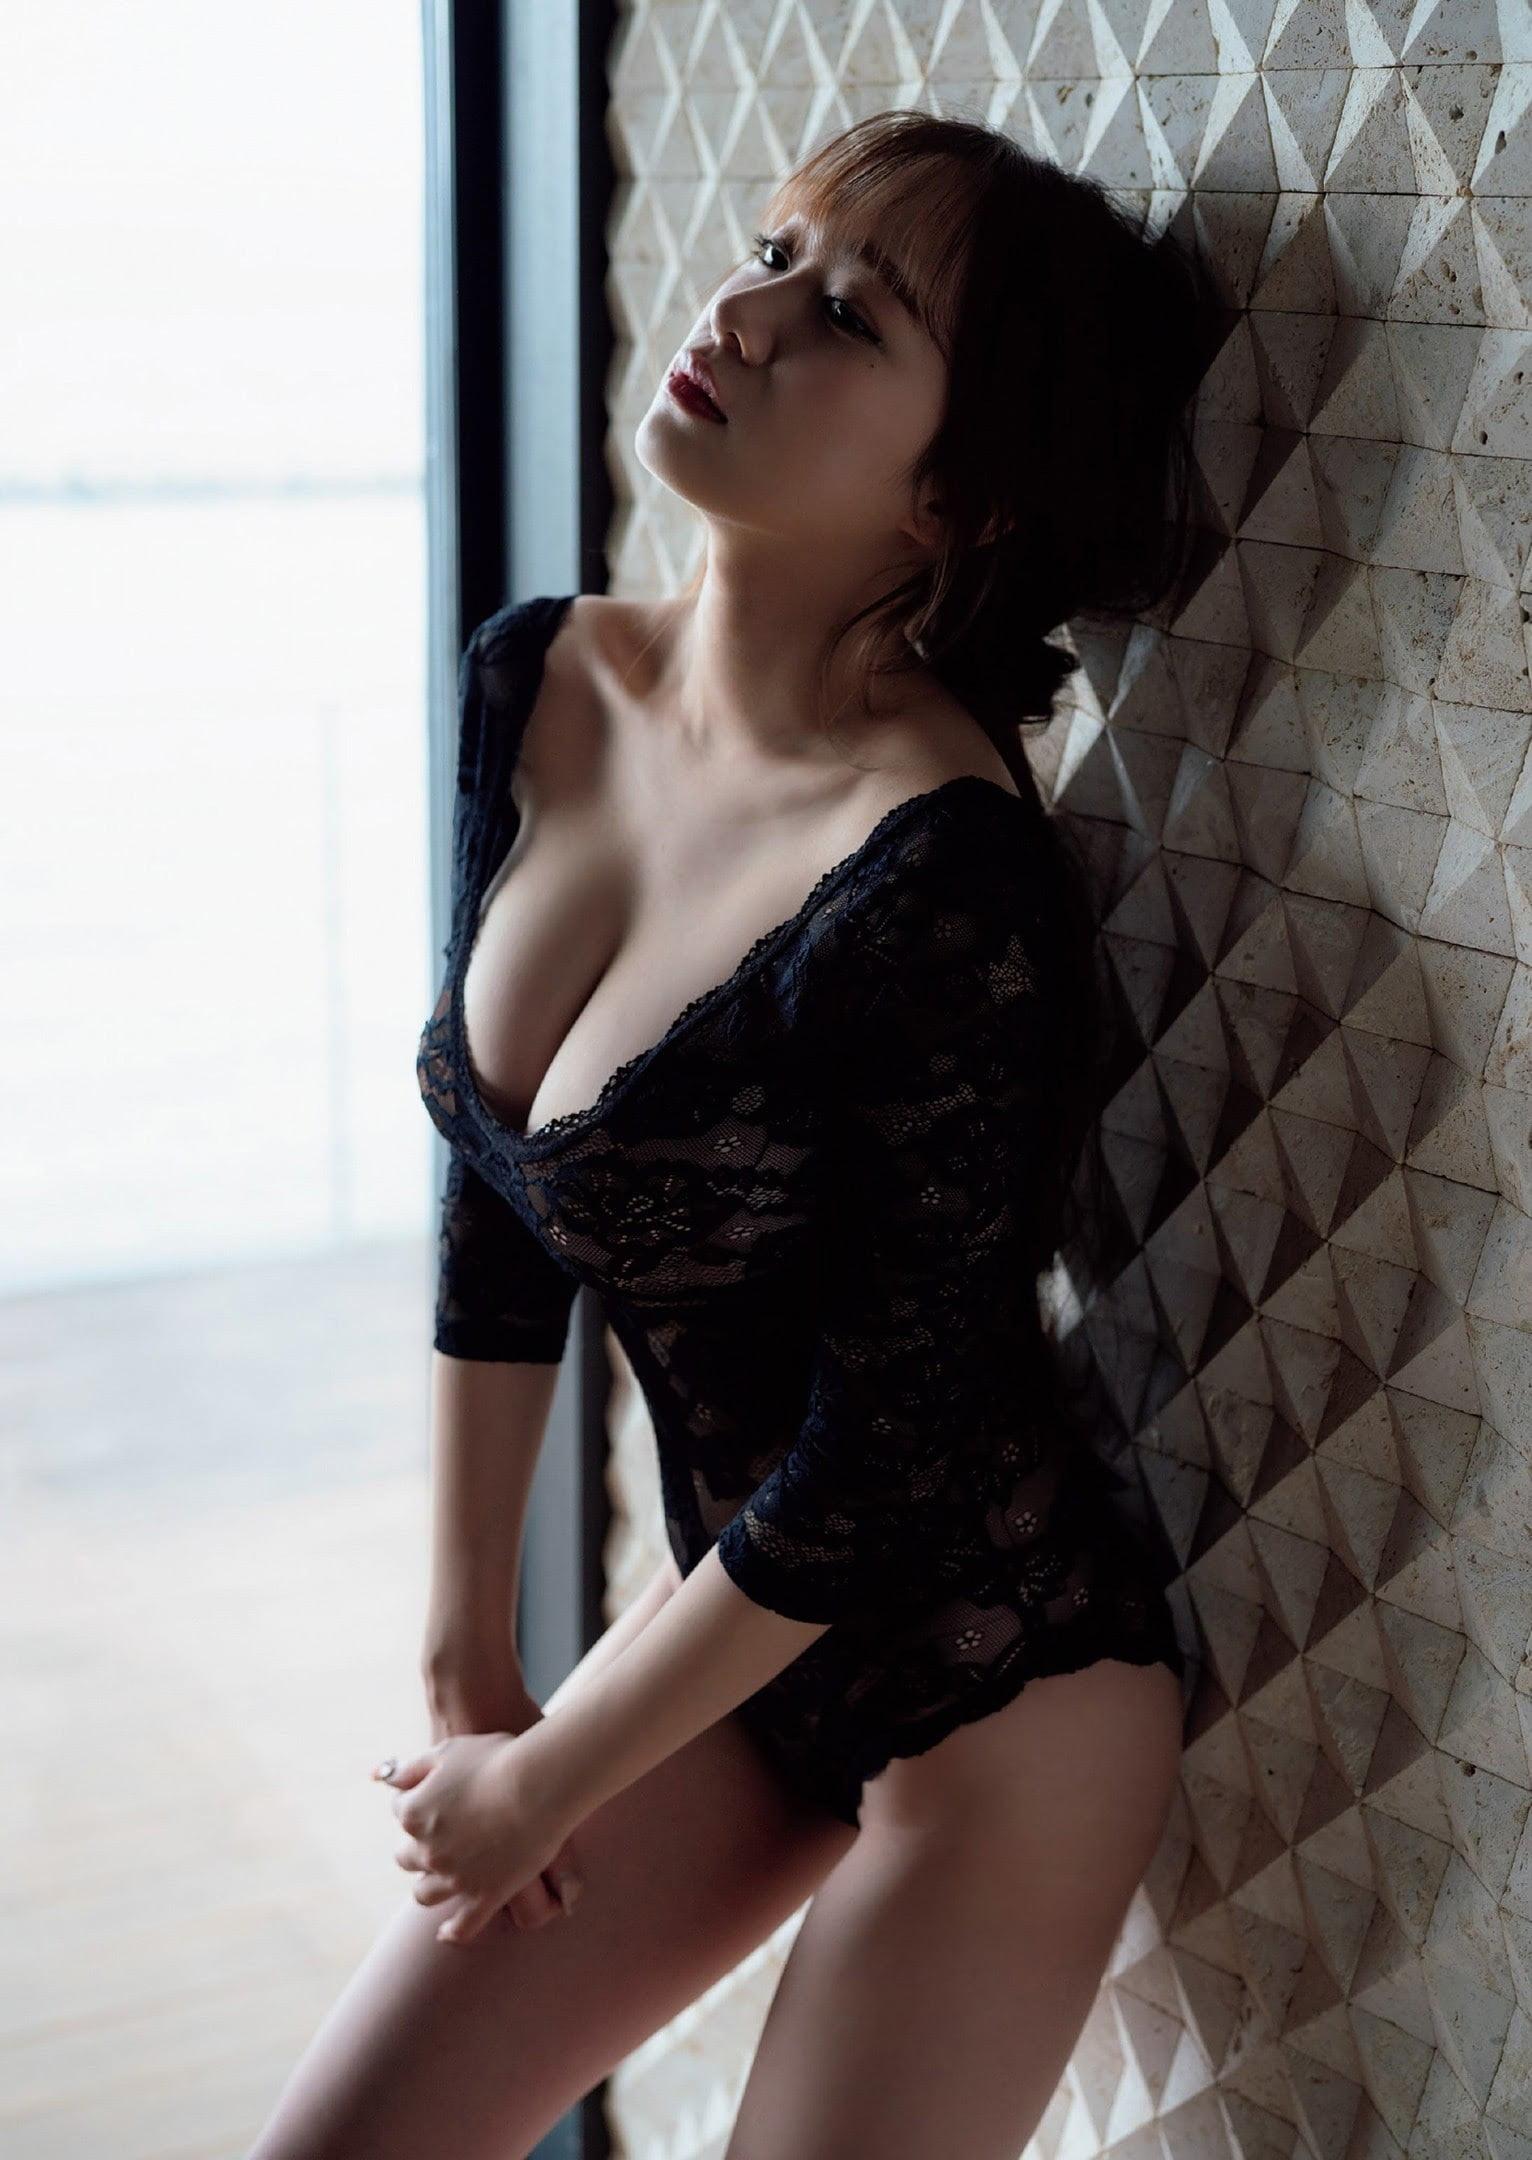 グラビアアイドル写真集 超絶ボディラインの90cmバストを持つ青井春最高画質グラビア画像まとめ4 38枚